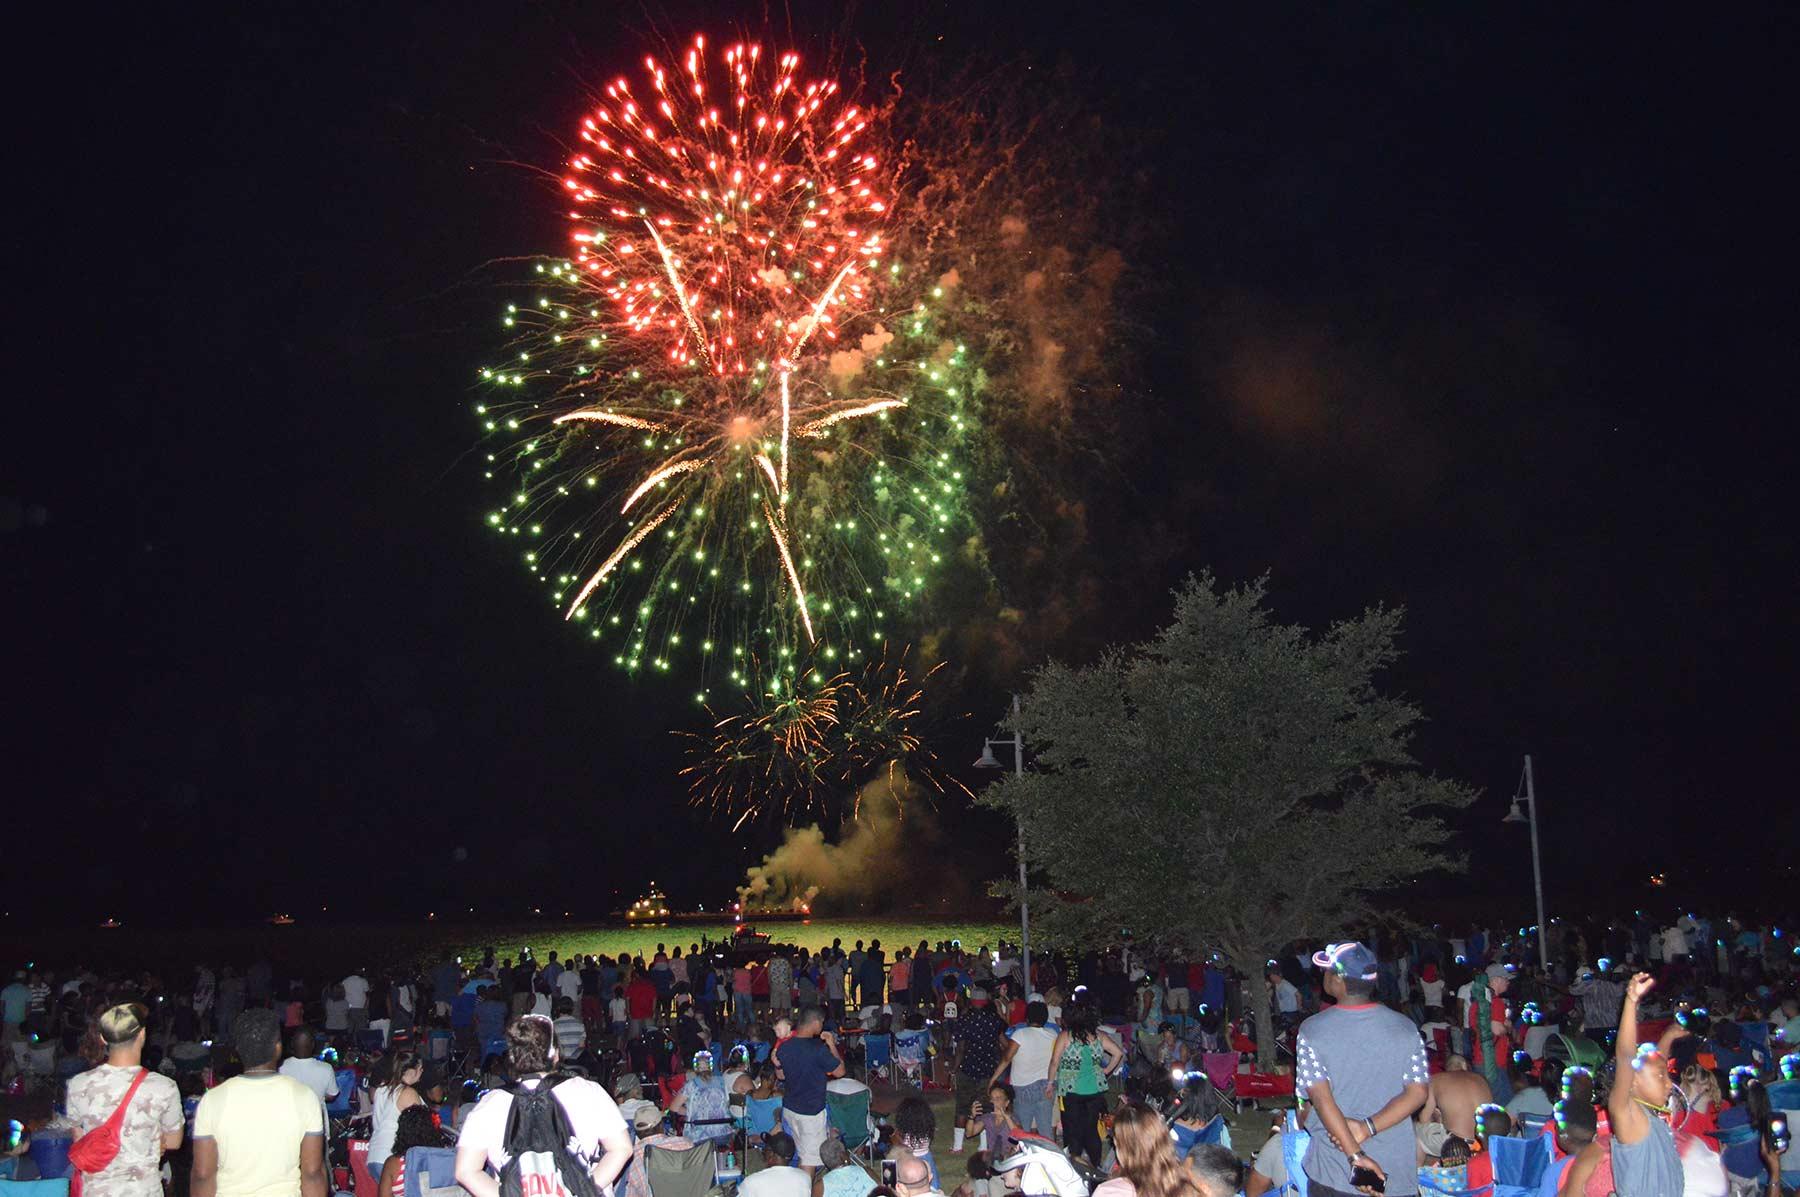 Newport News Fireworks